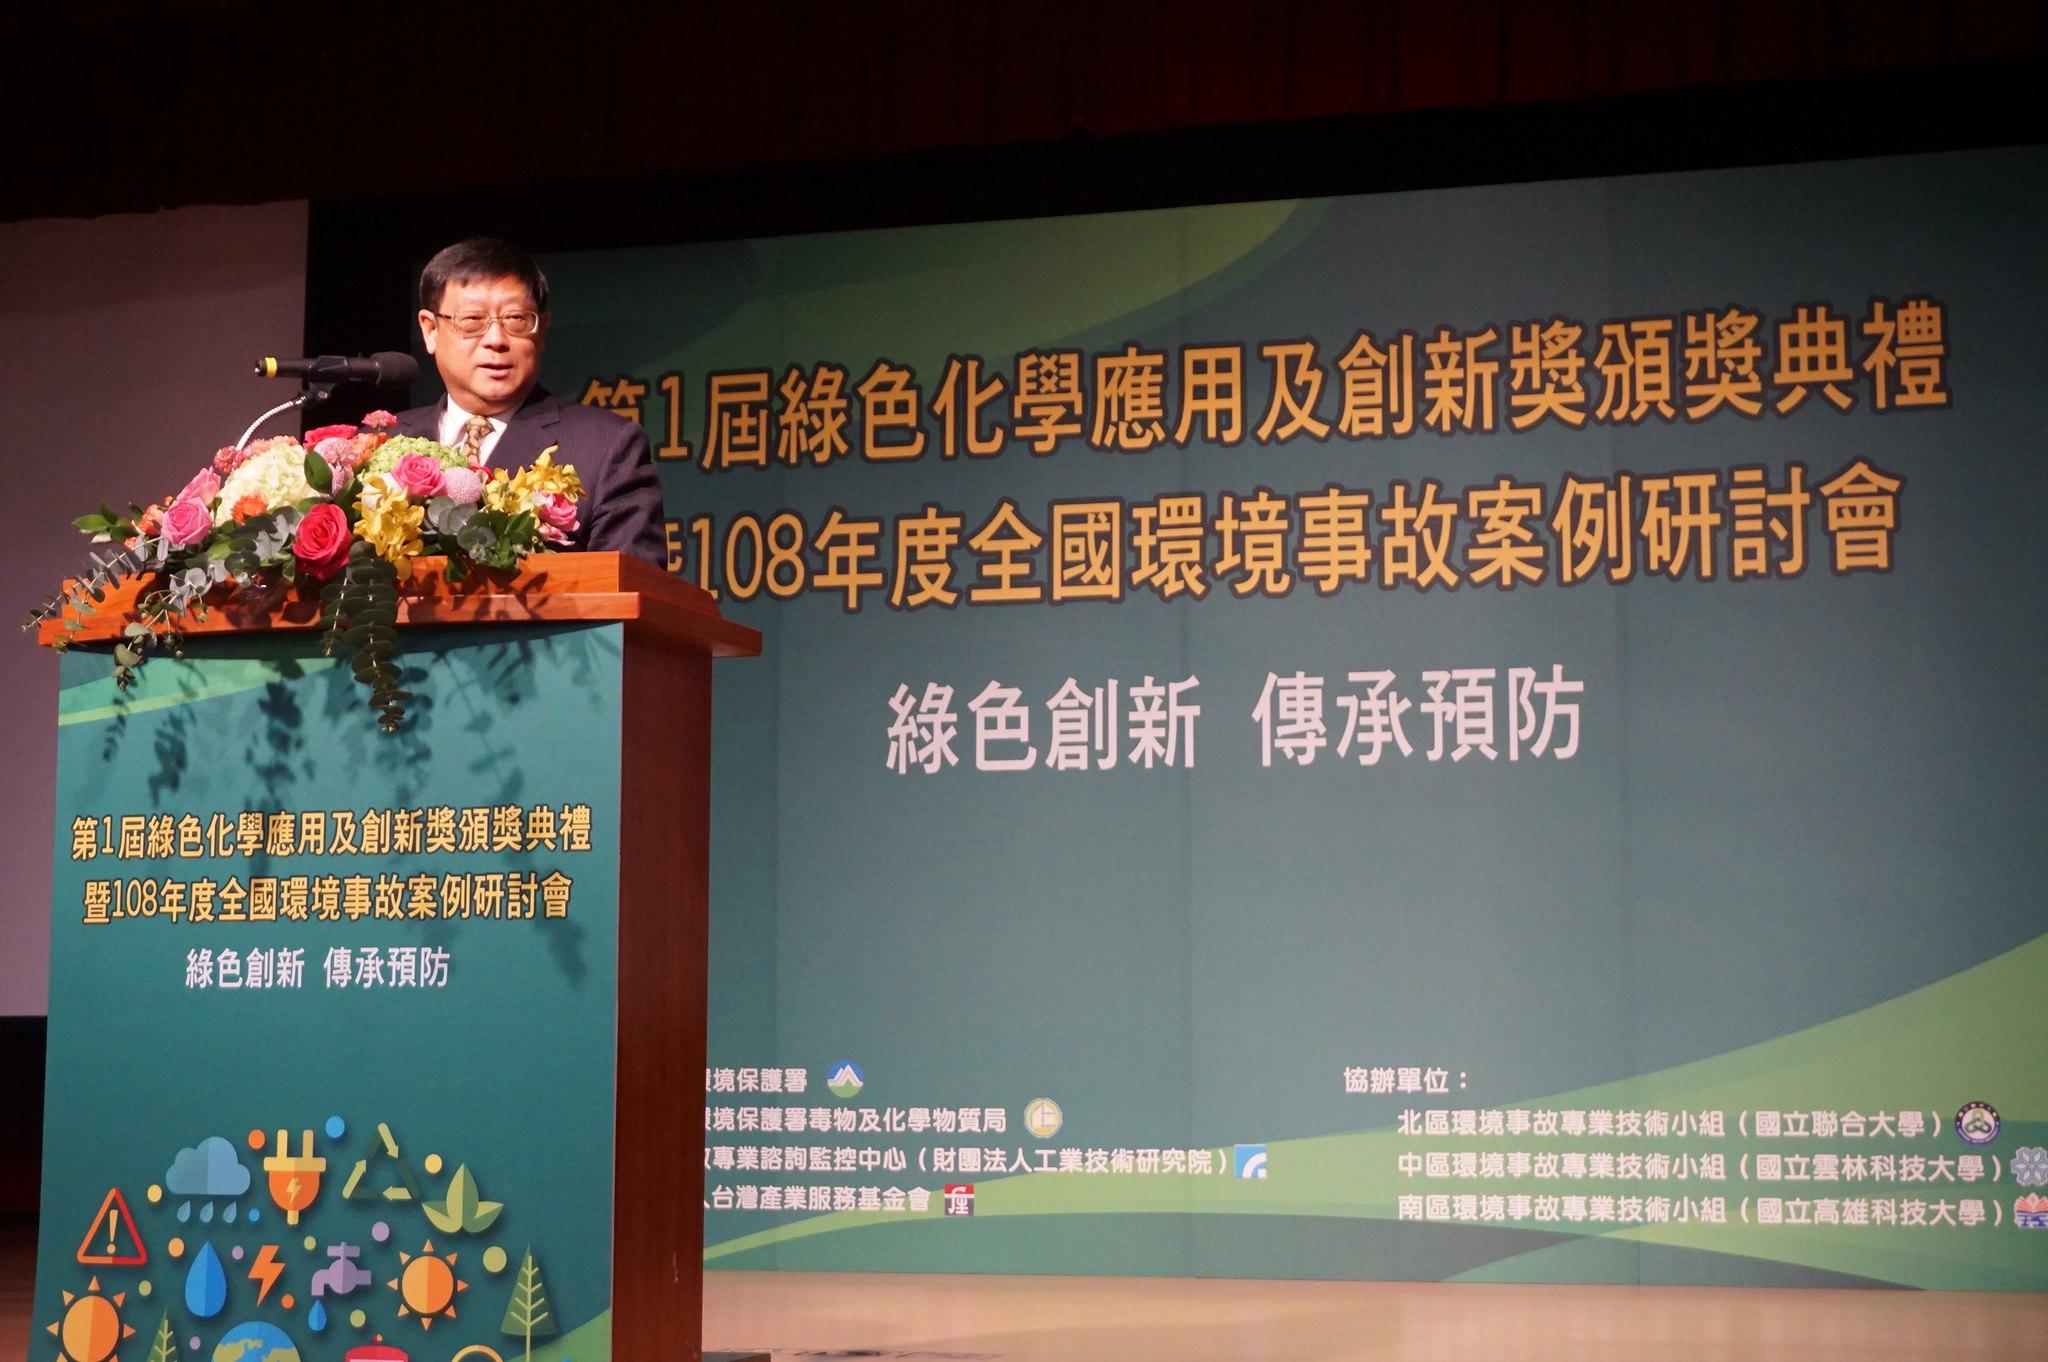 第一屆綠色化學應用及創新獎頒獎典禮,環保署長張子敬致詞。環保署提供。